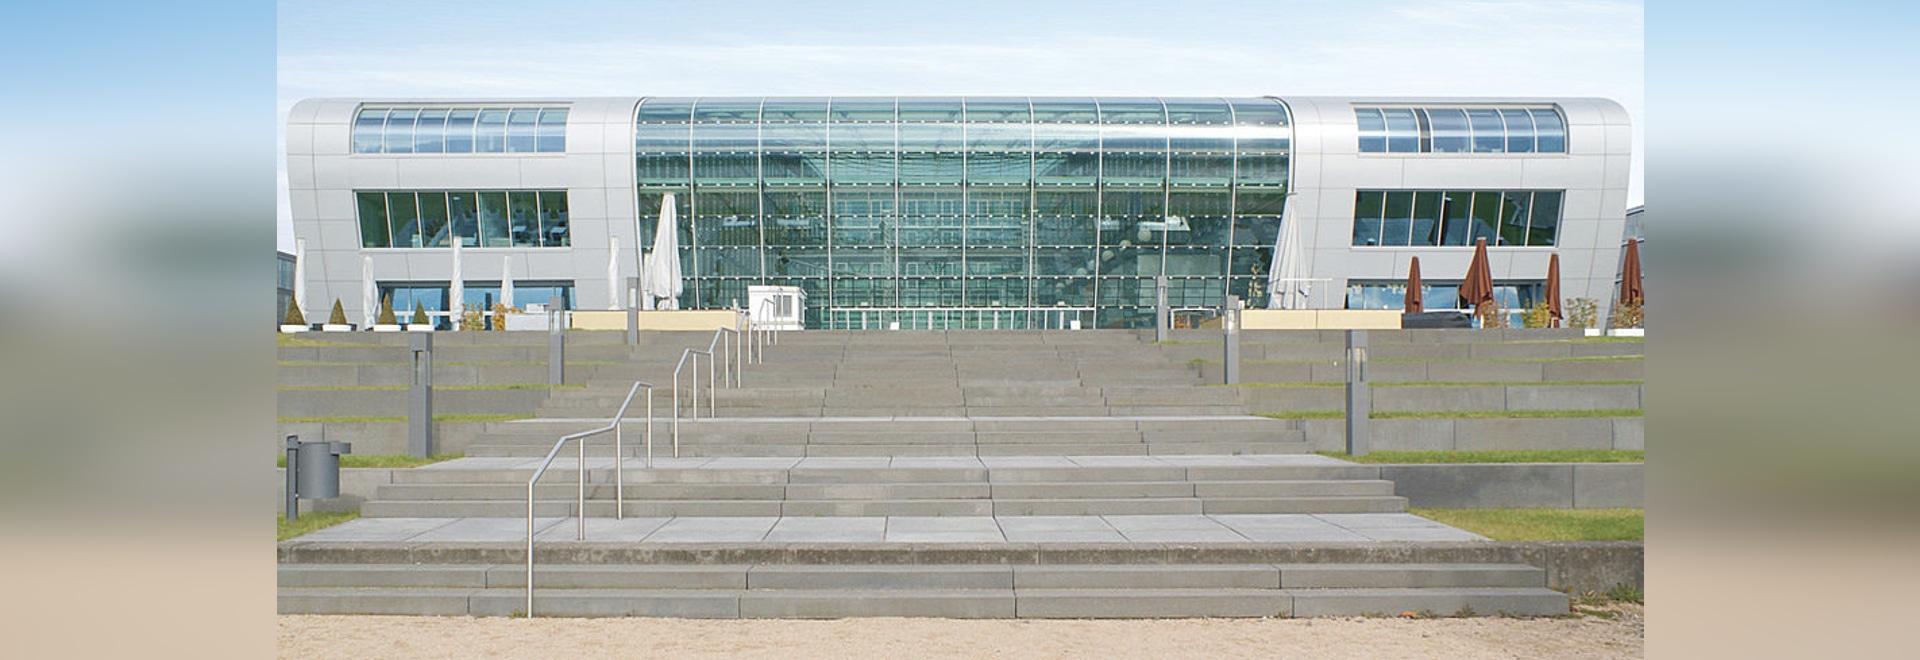 Luxury Hotel Kameha Grand Bonn – Futuristische Architektur am Ufer des Rheines mit Reynobond Aluminium-Verbundplatten